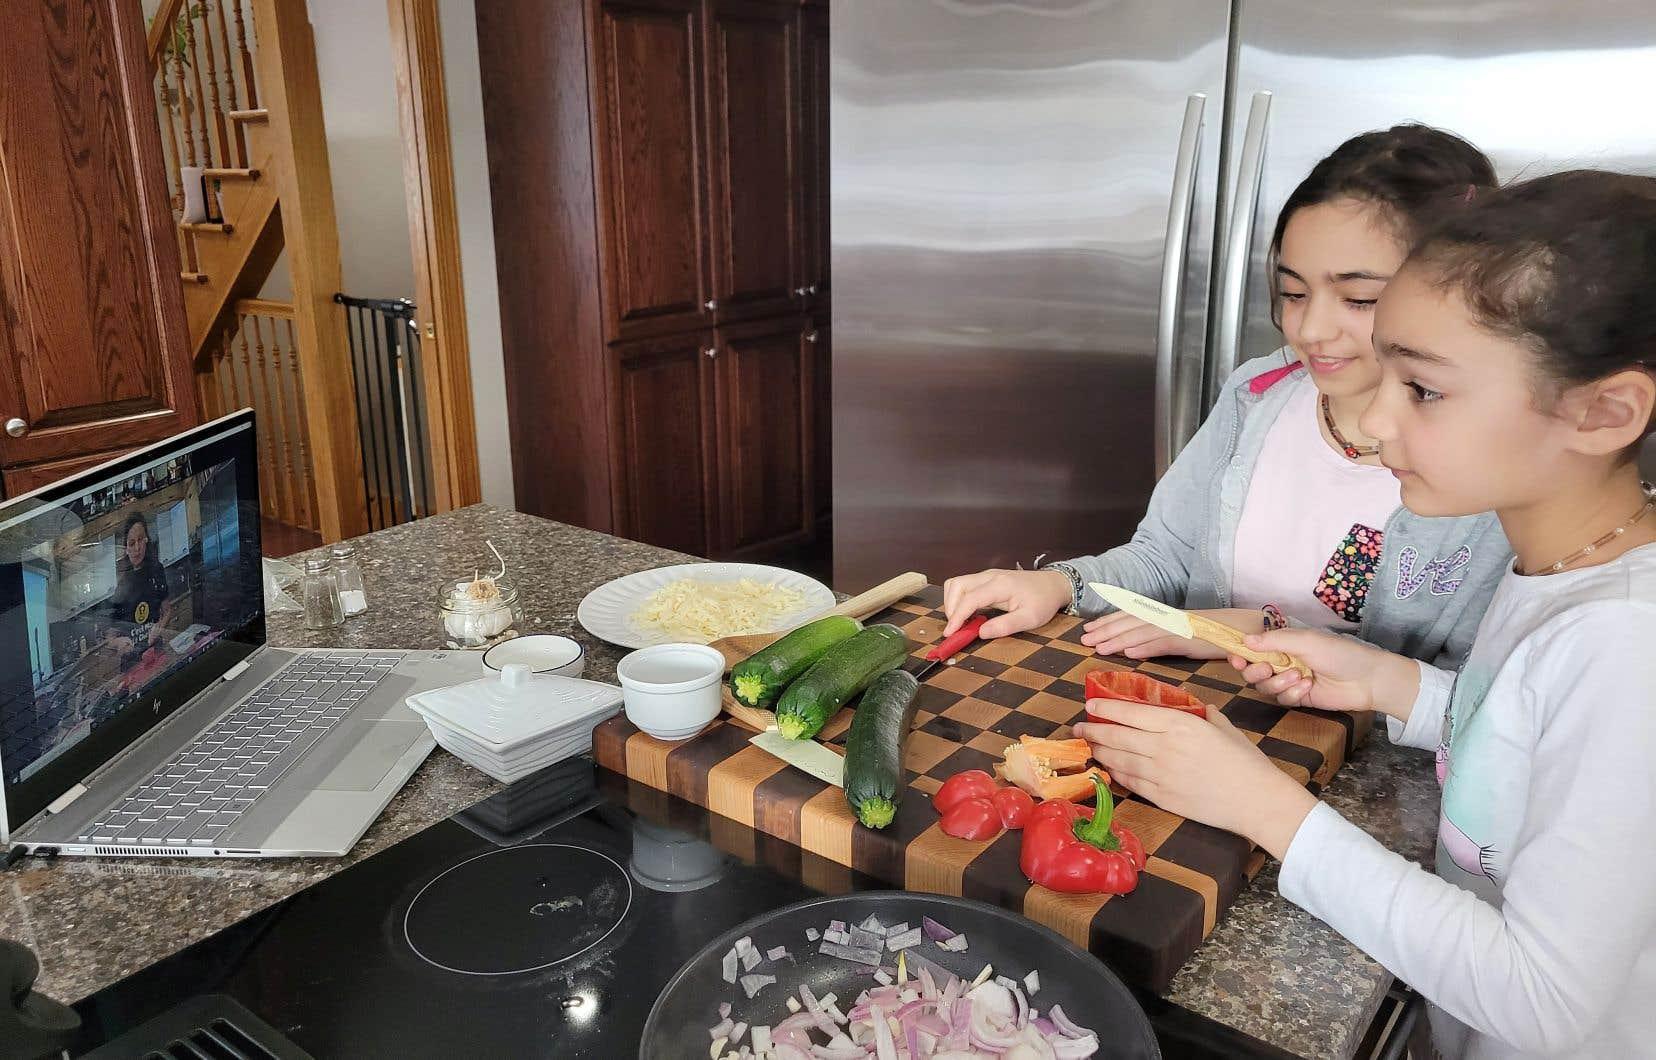 La multiplication des ateliers de cuisine virtuels confirme que les plaisirs de la table ont toujours le pouvoir de rassembler. L'entreprise C'est moi le chef ! propose d'ailleurs des ateliers destinés aux enfants.